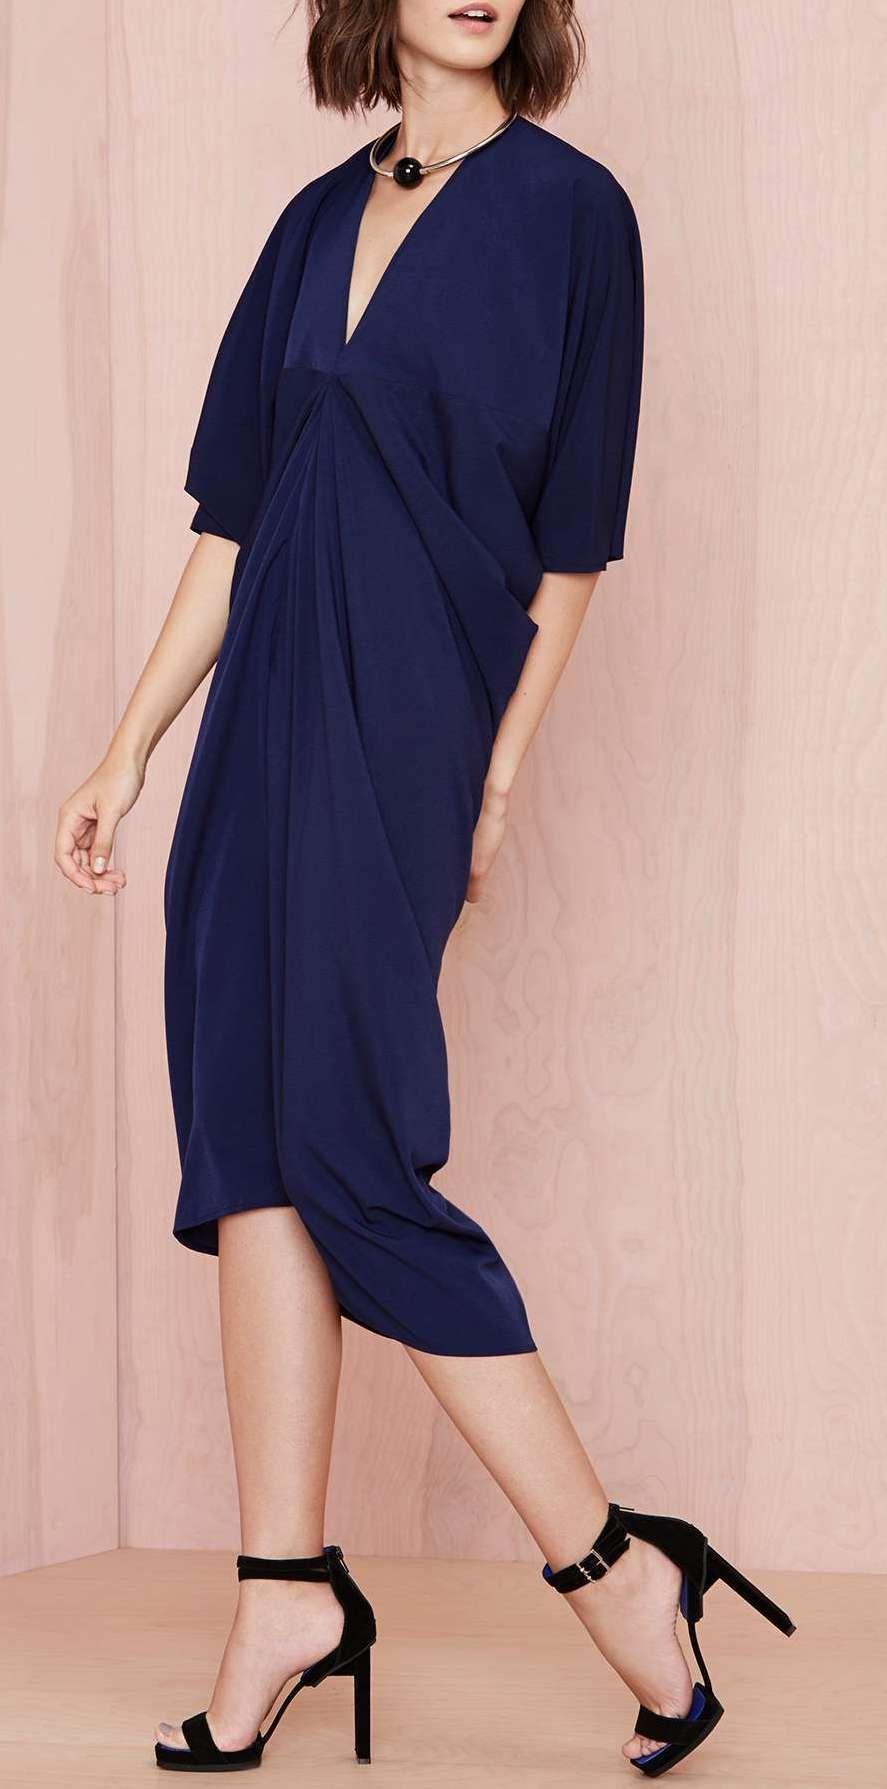 Metamorphose Dress - Navy | mimimi | Pinterest | Venta ropa, Alta ...